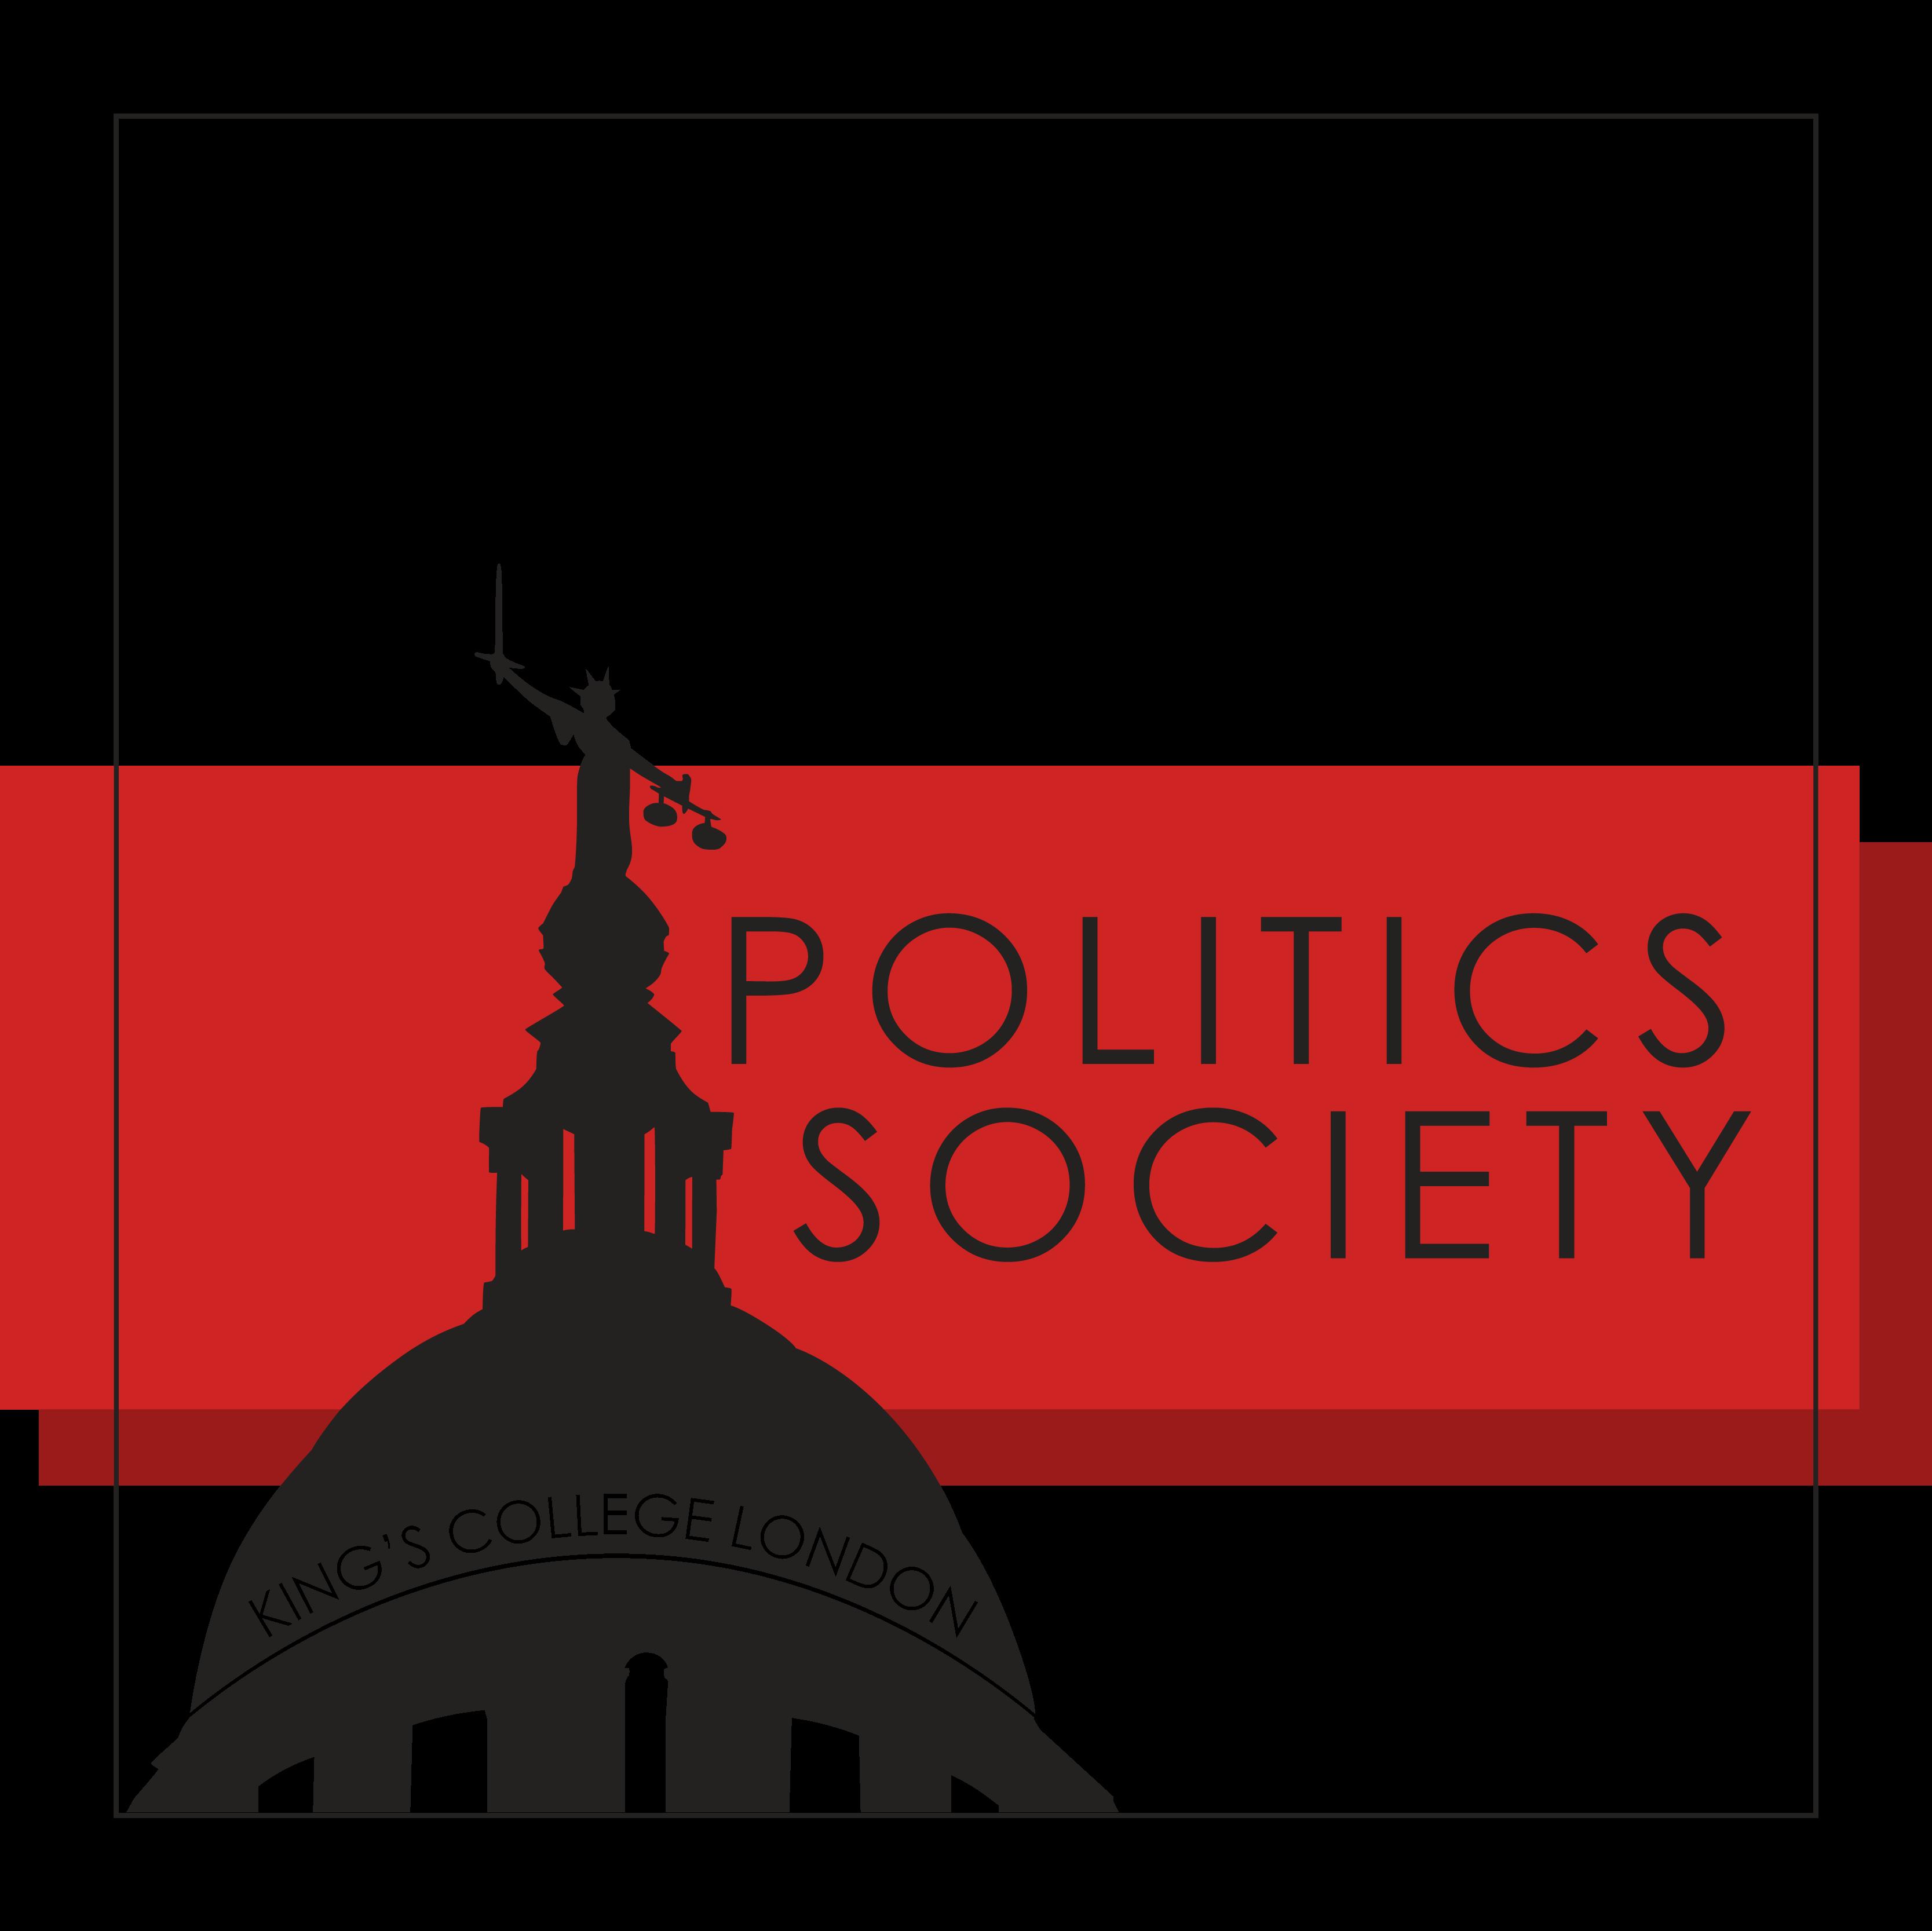 KCL Politics Society